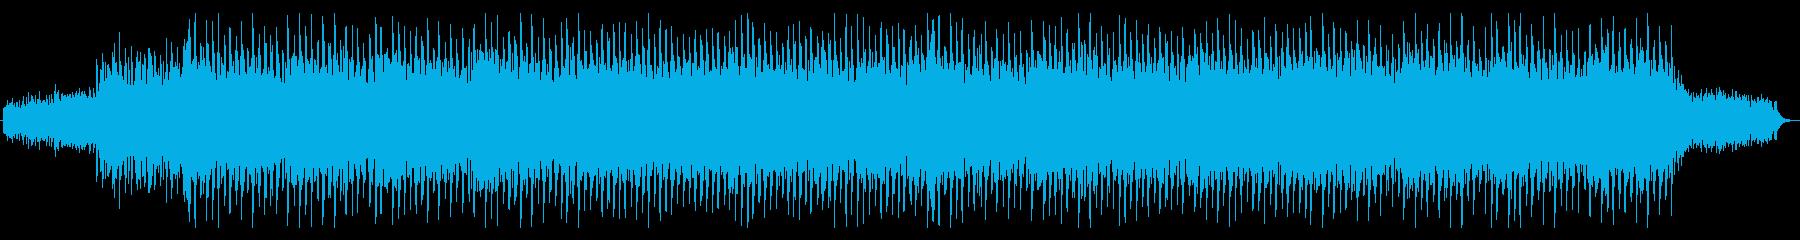 チュートリアル、デジタル、温かい曲の再生済みの波形